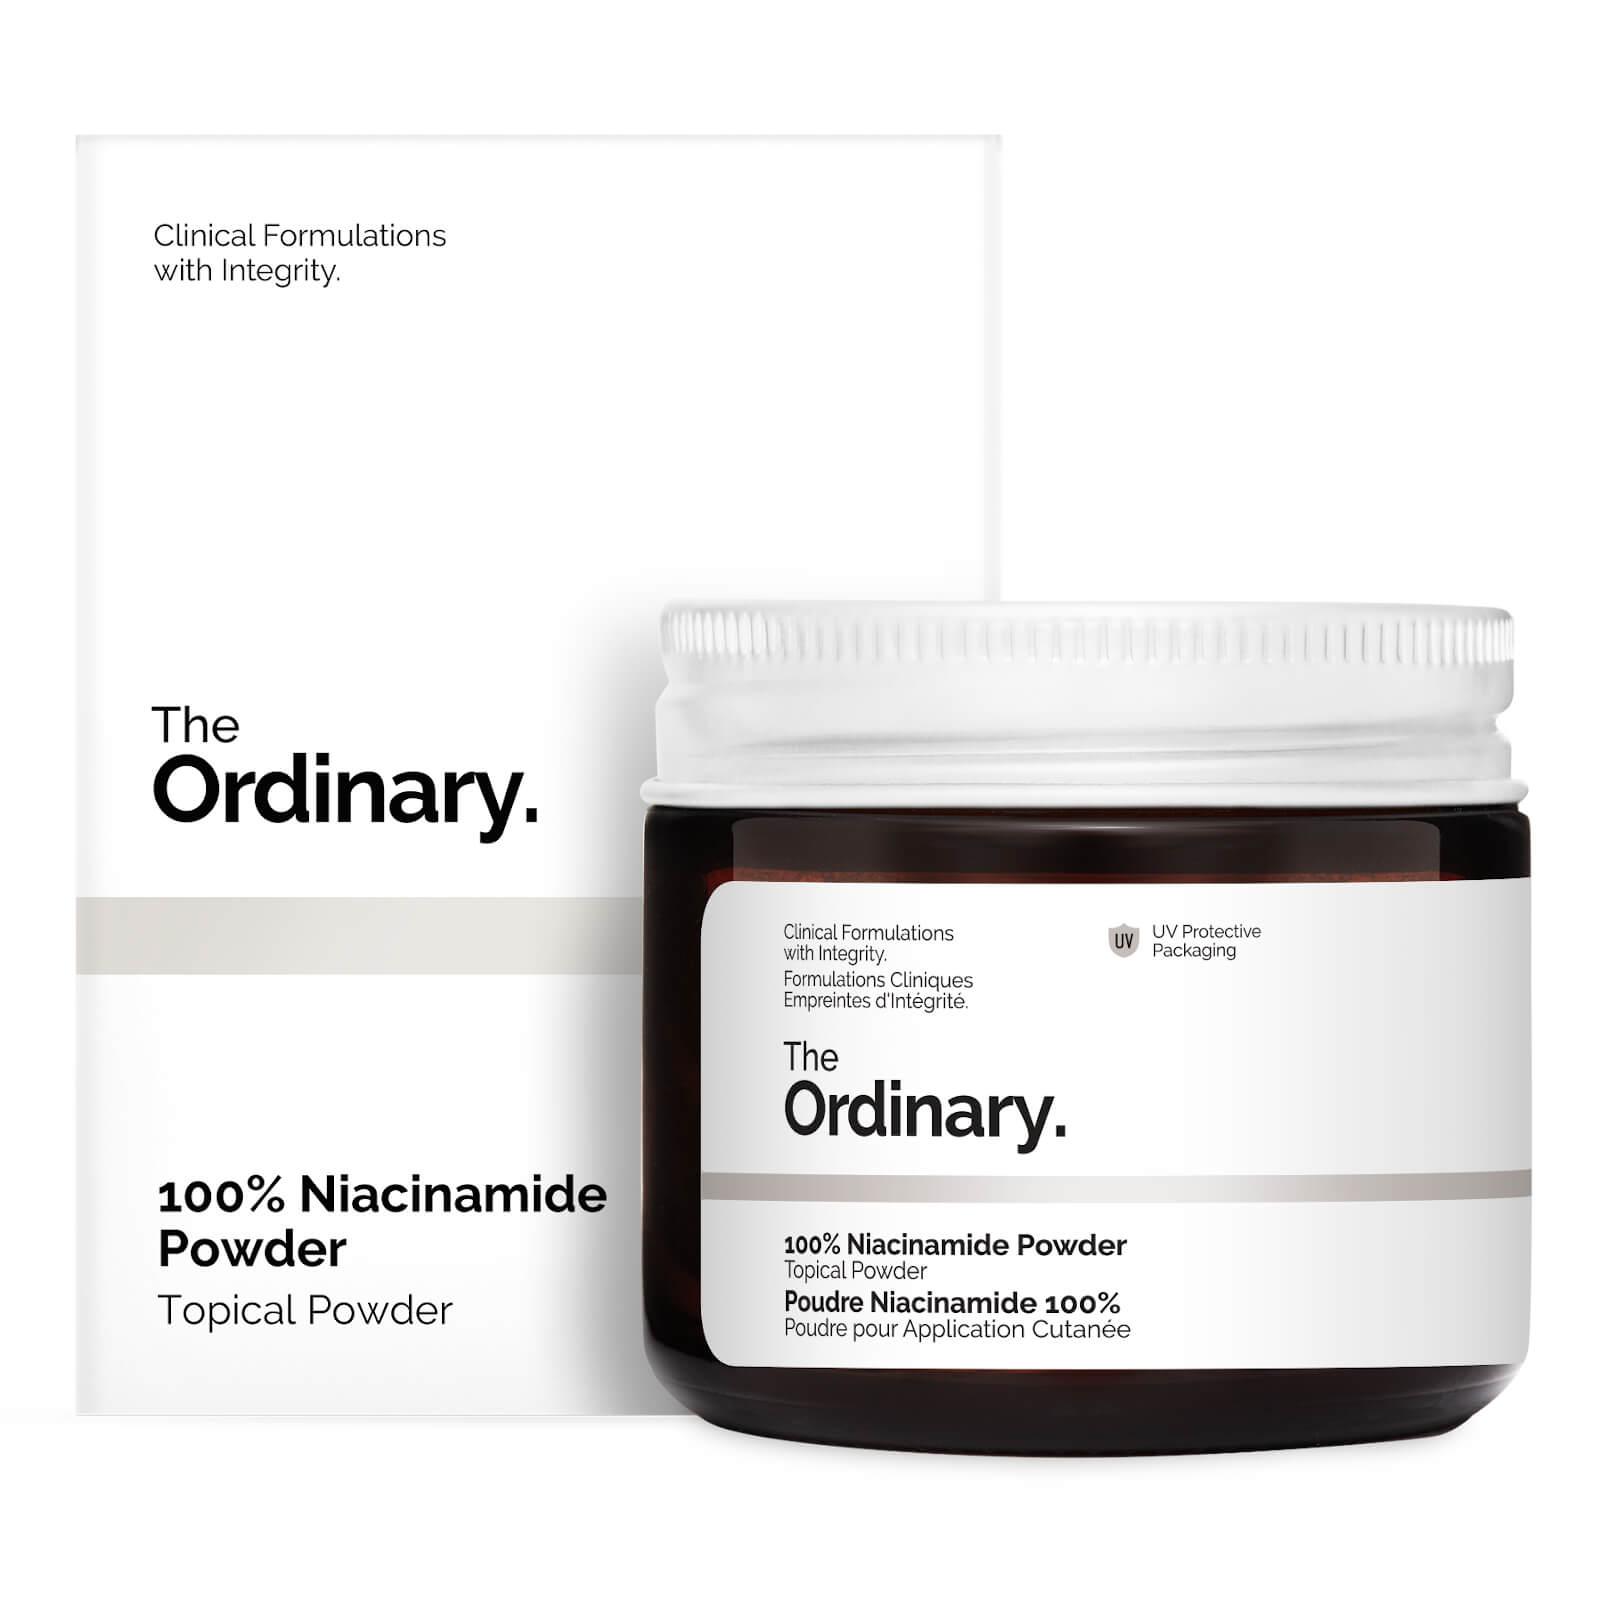 Niacinamida em Pó (100% Niacinamide Powder) - The Ordinary